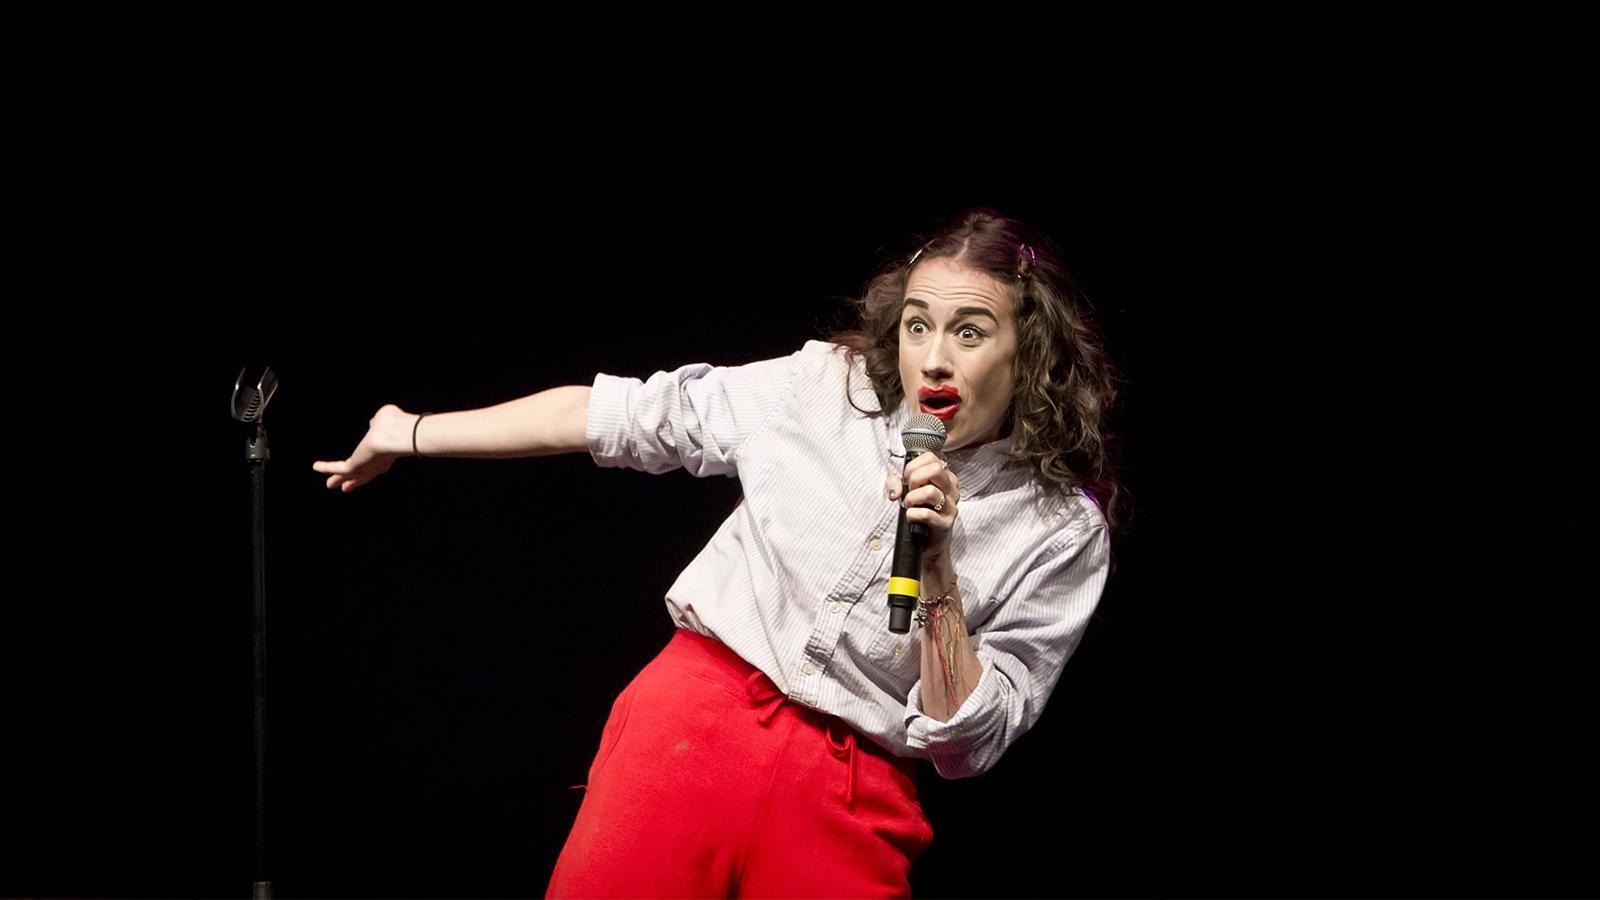 Miranda Sings